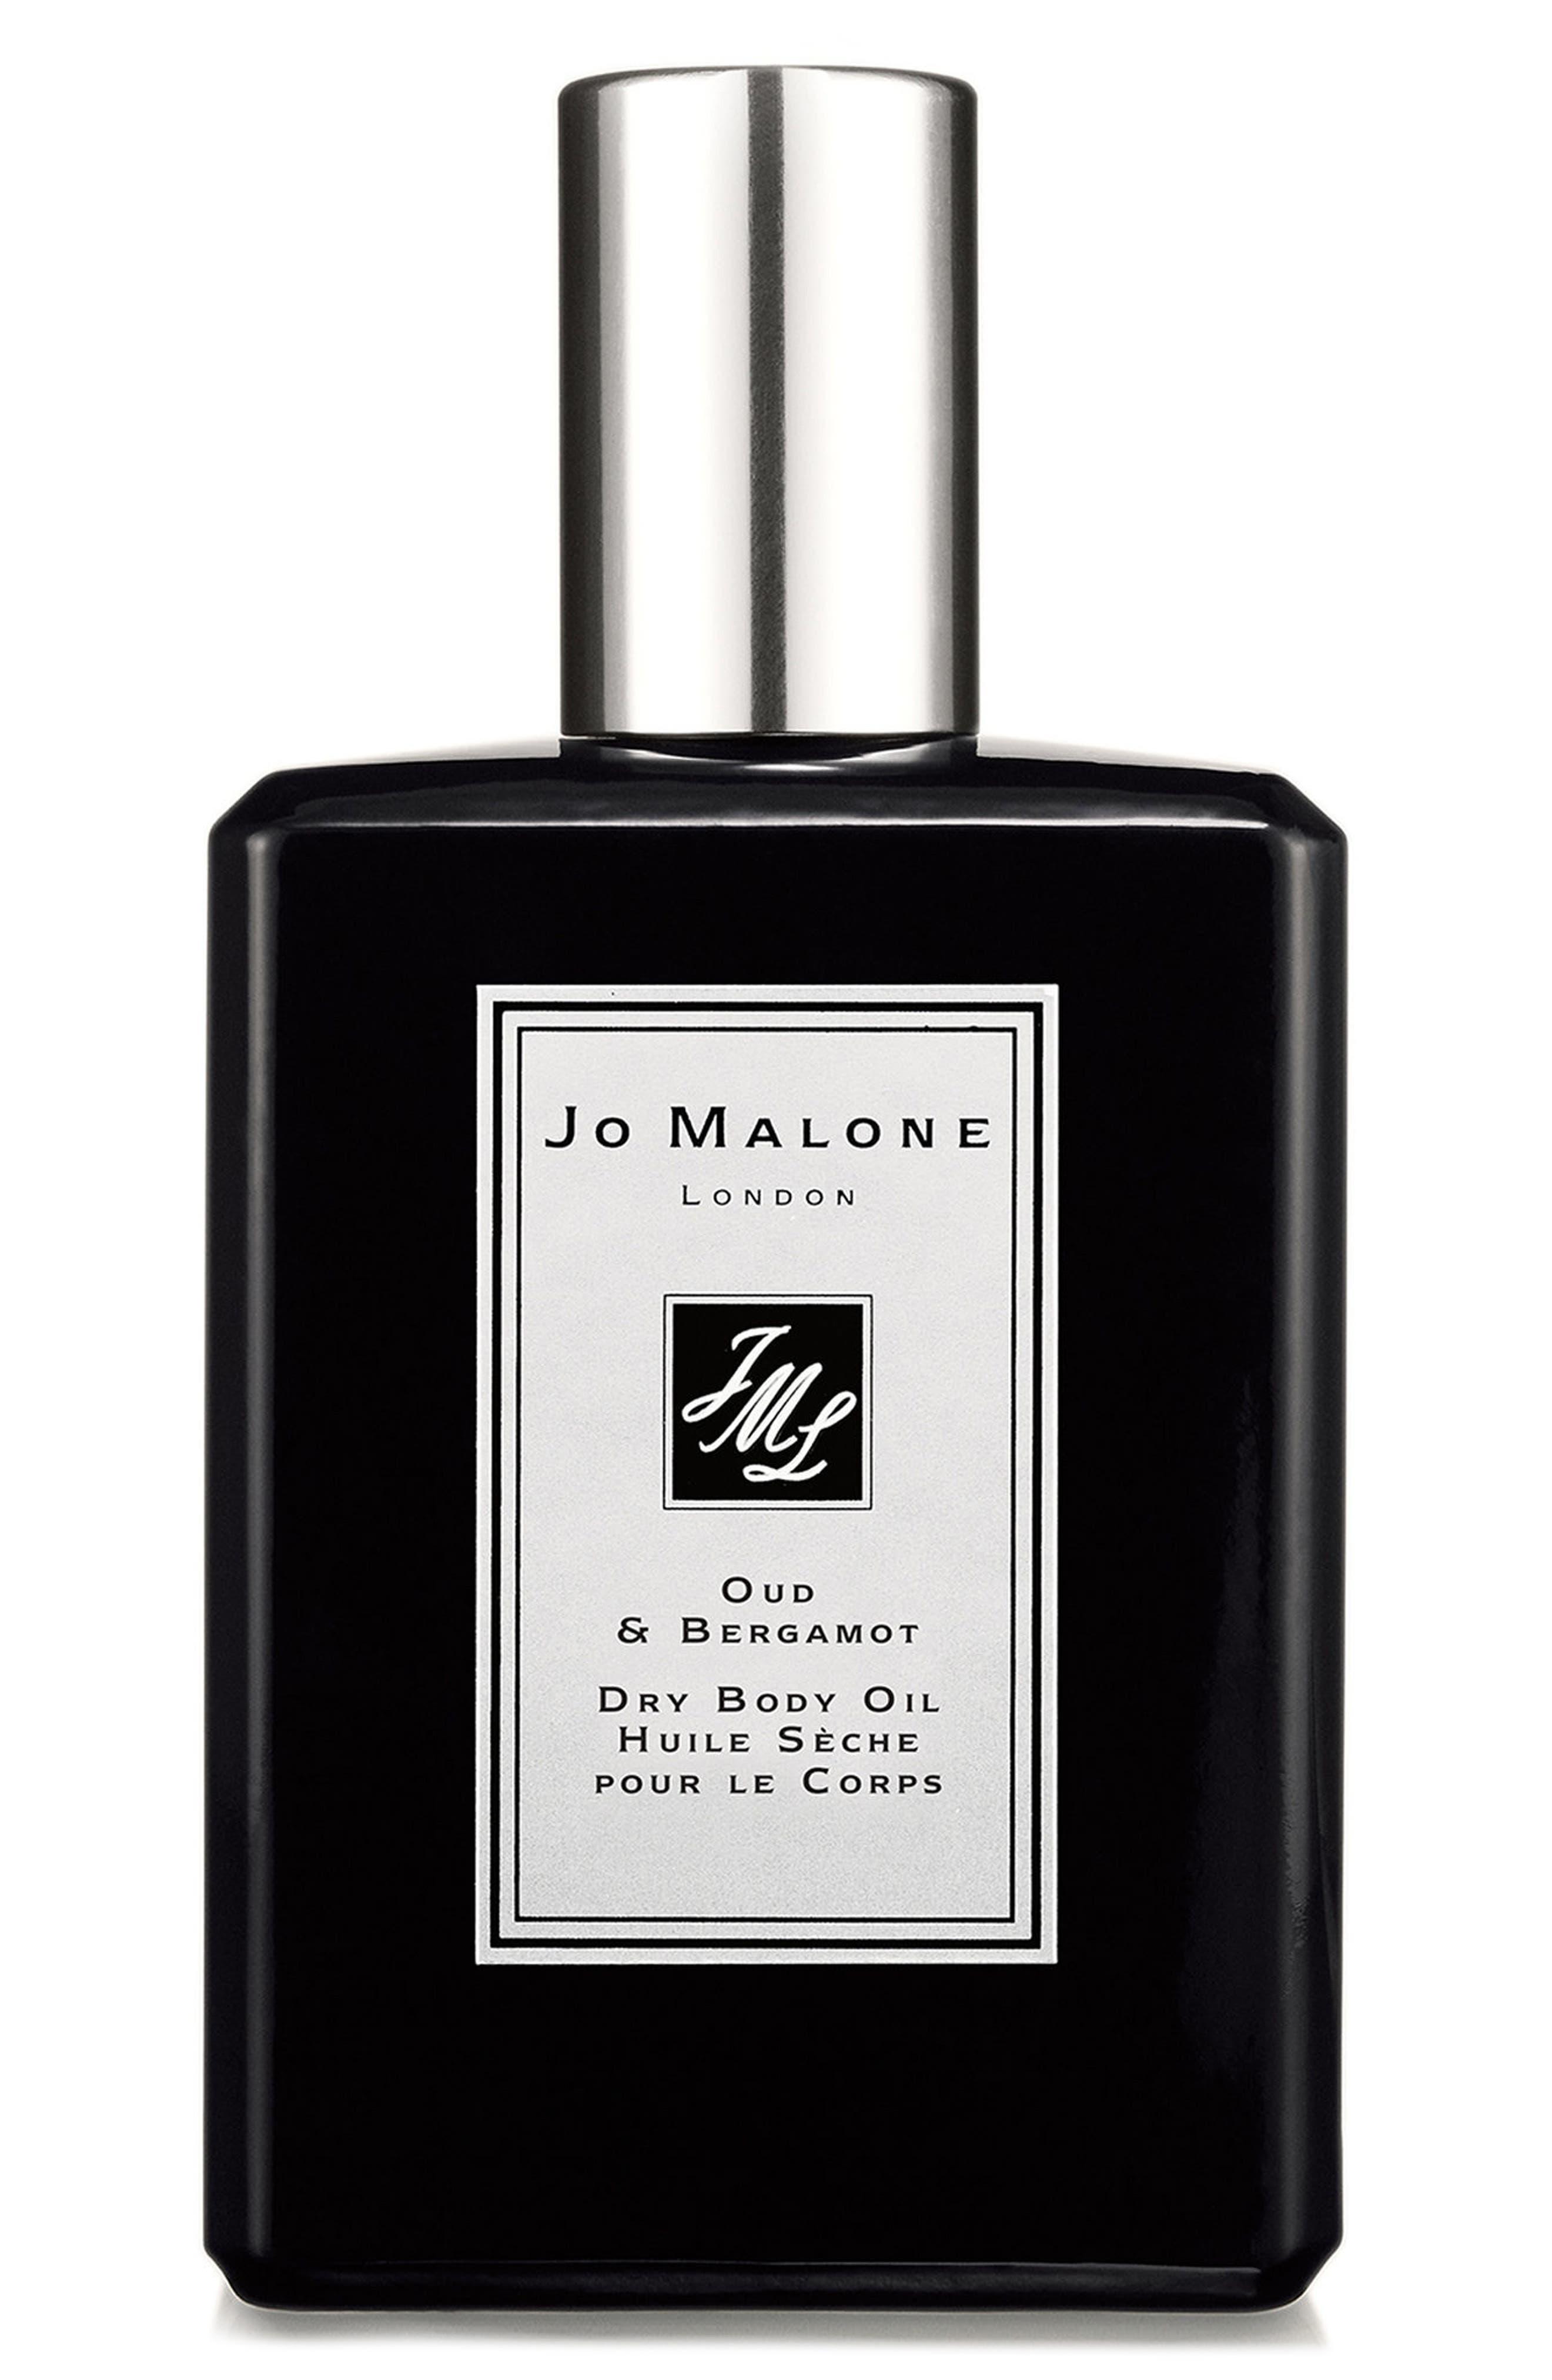 Jo Malone London™ Oud & Bergamot Dry Body Oil